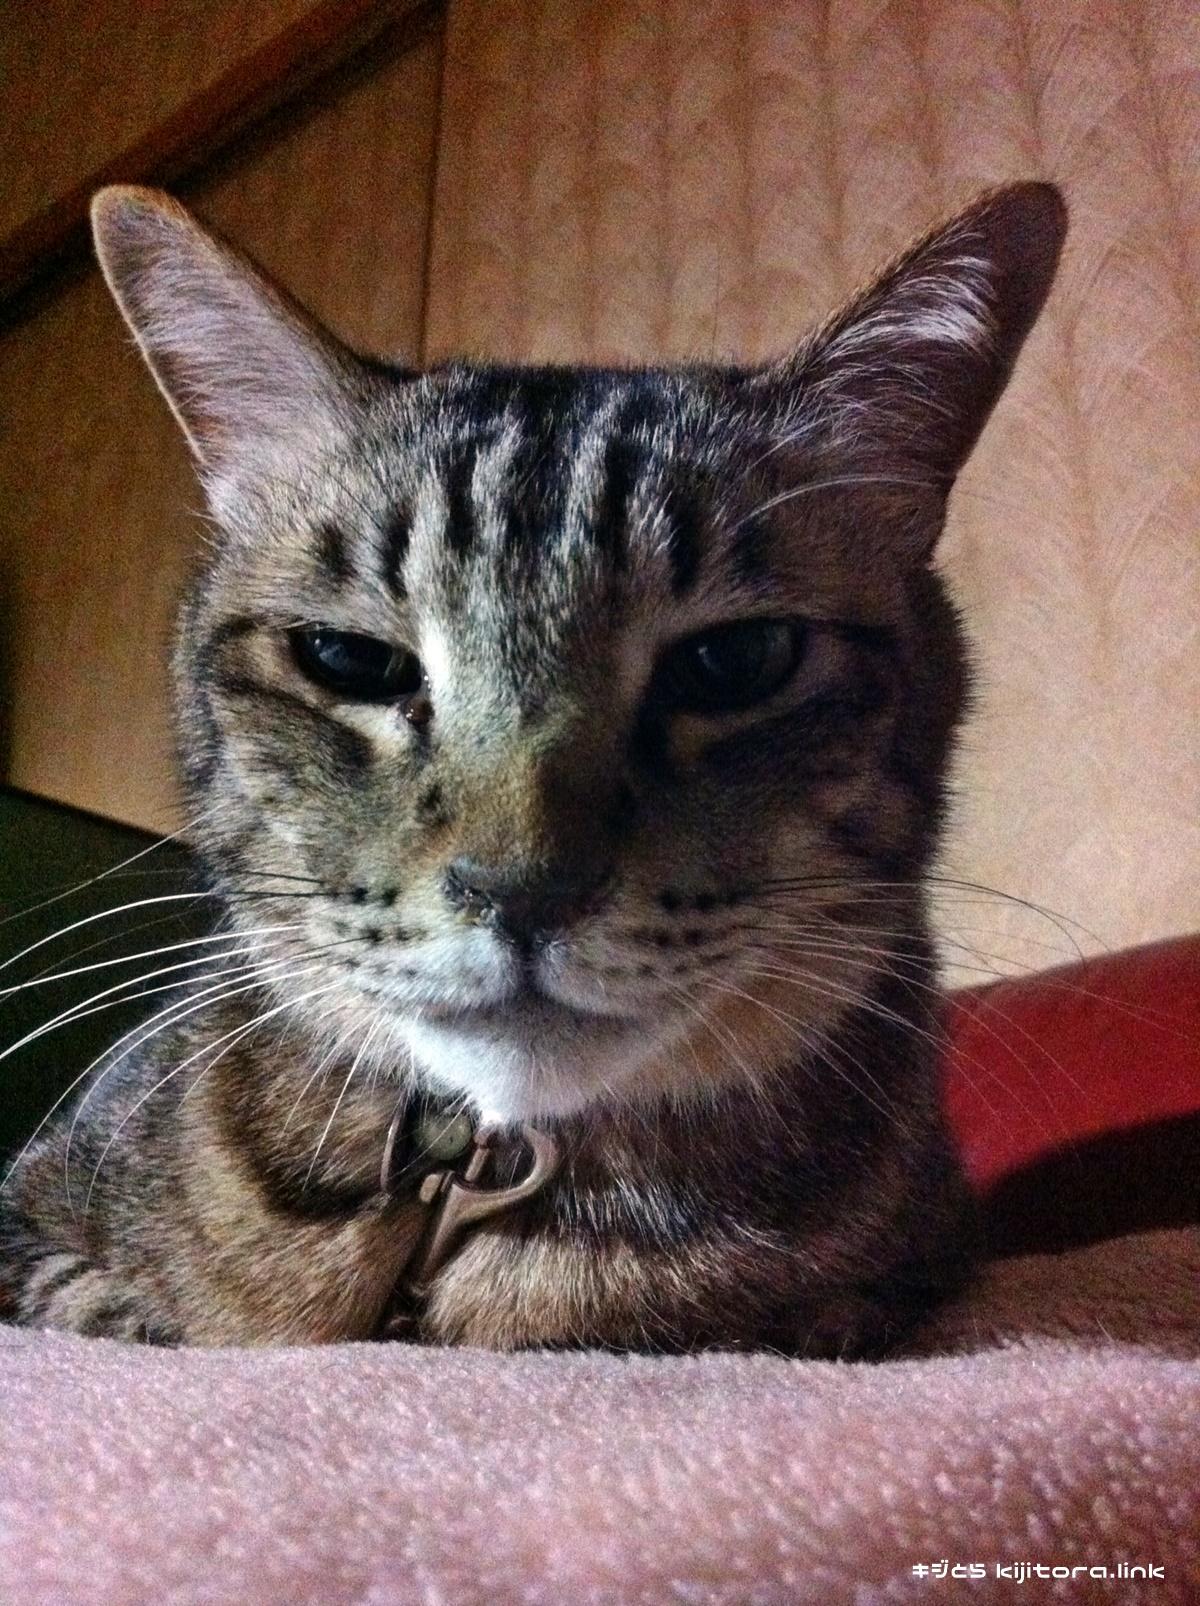 香箱座りしつつも不機嫌そうなキジトラ猫